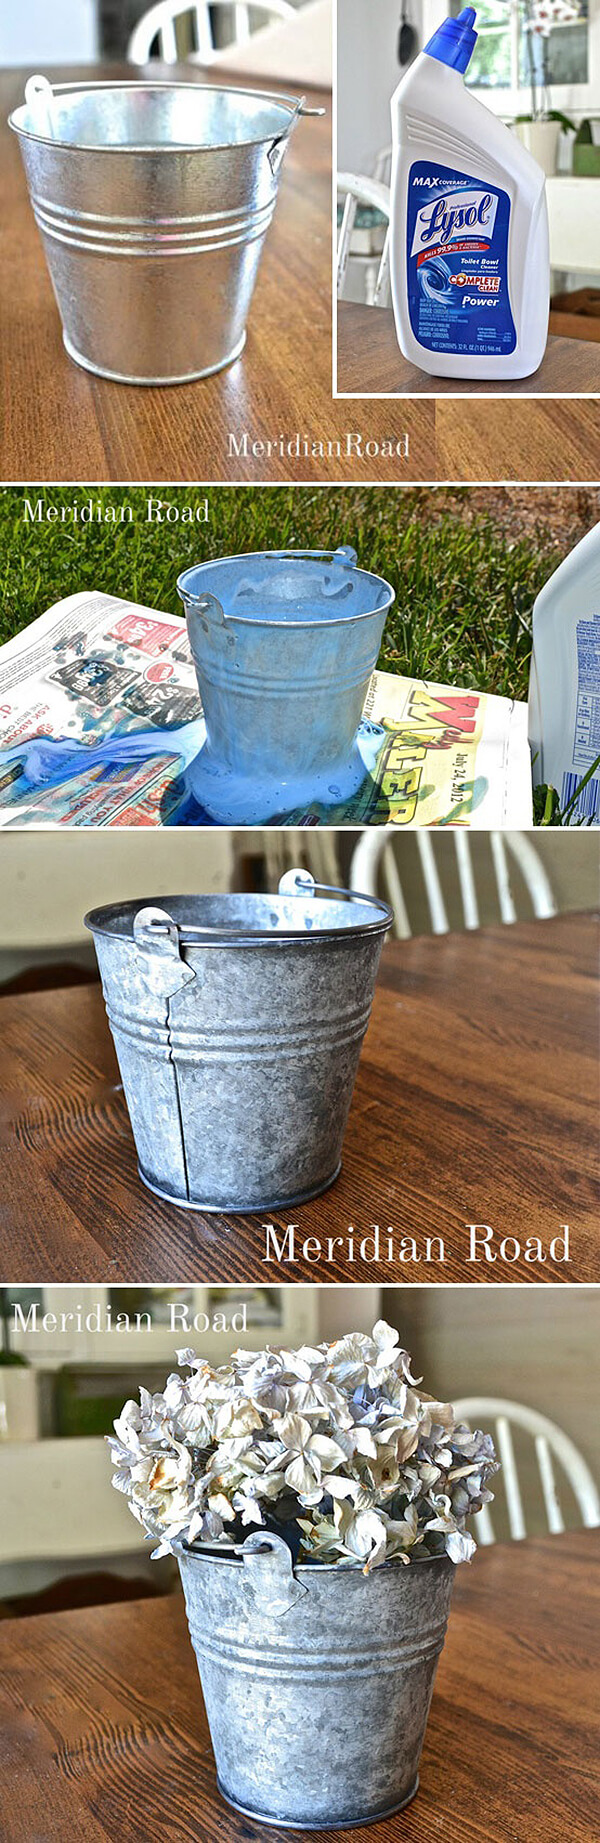 ¡Maneras Creativas de Reutilizar tus Cubos Galvanizados!